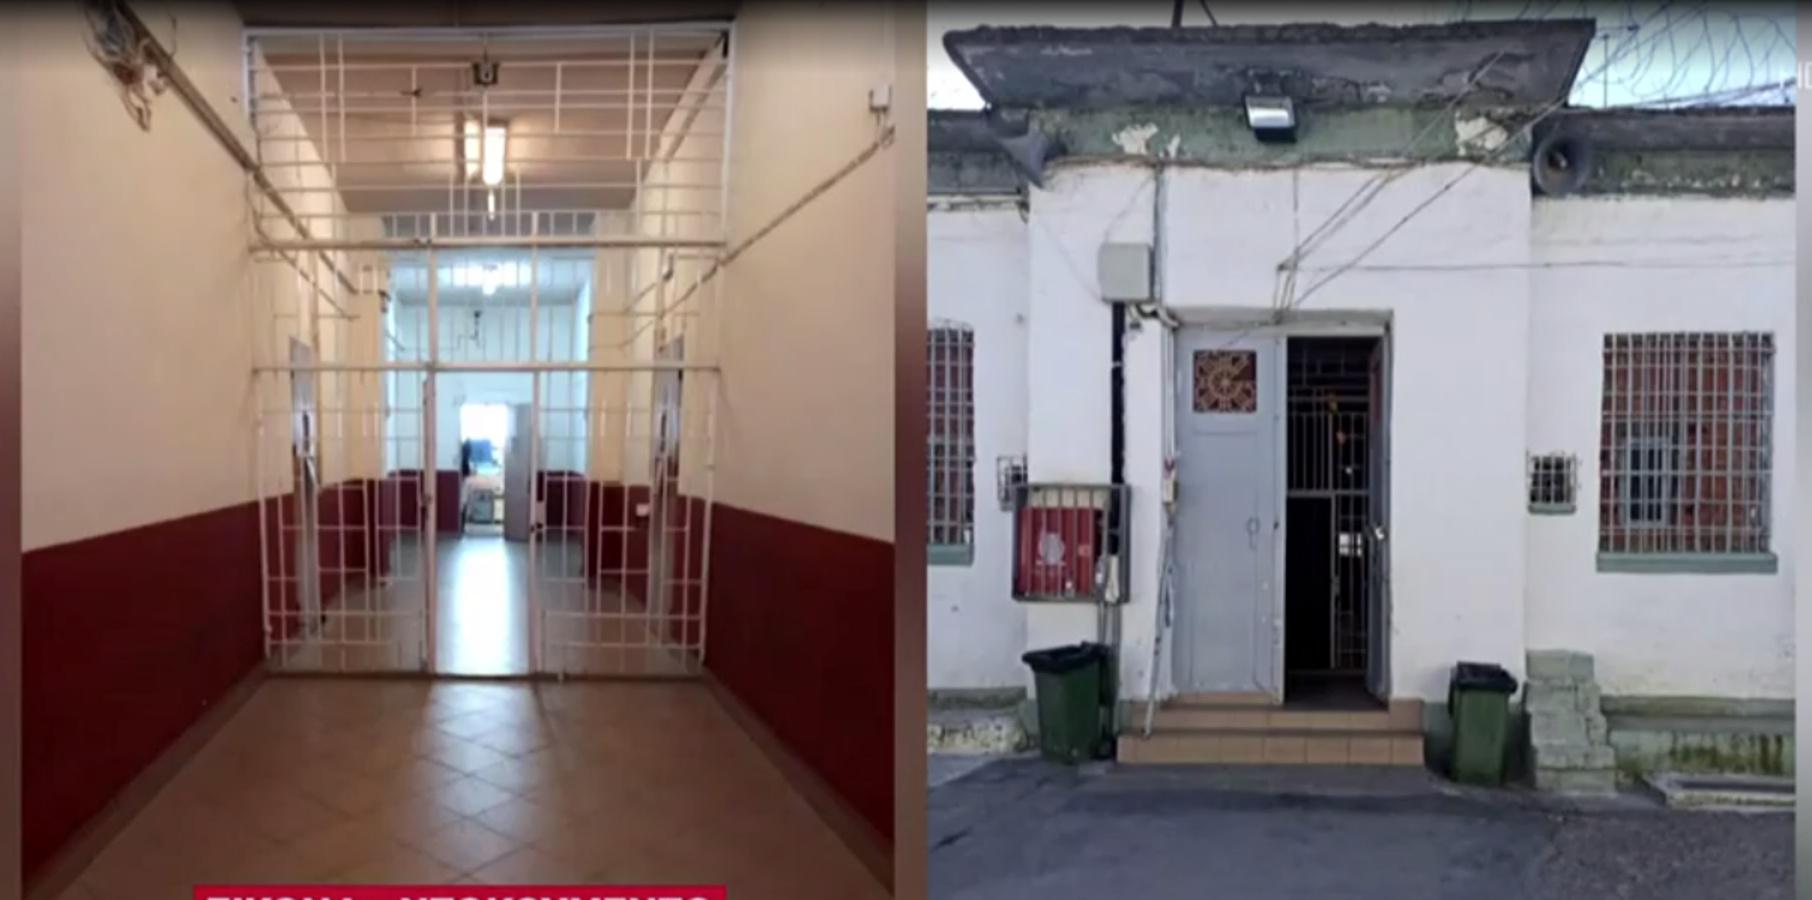 Δημήτρης Λιγνάδης: Οι πρώτοι διάλογοι και το κακό σενάριο της κράτησης στις φυλακές Τριπόλεως (video)